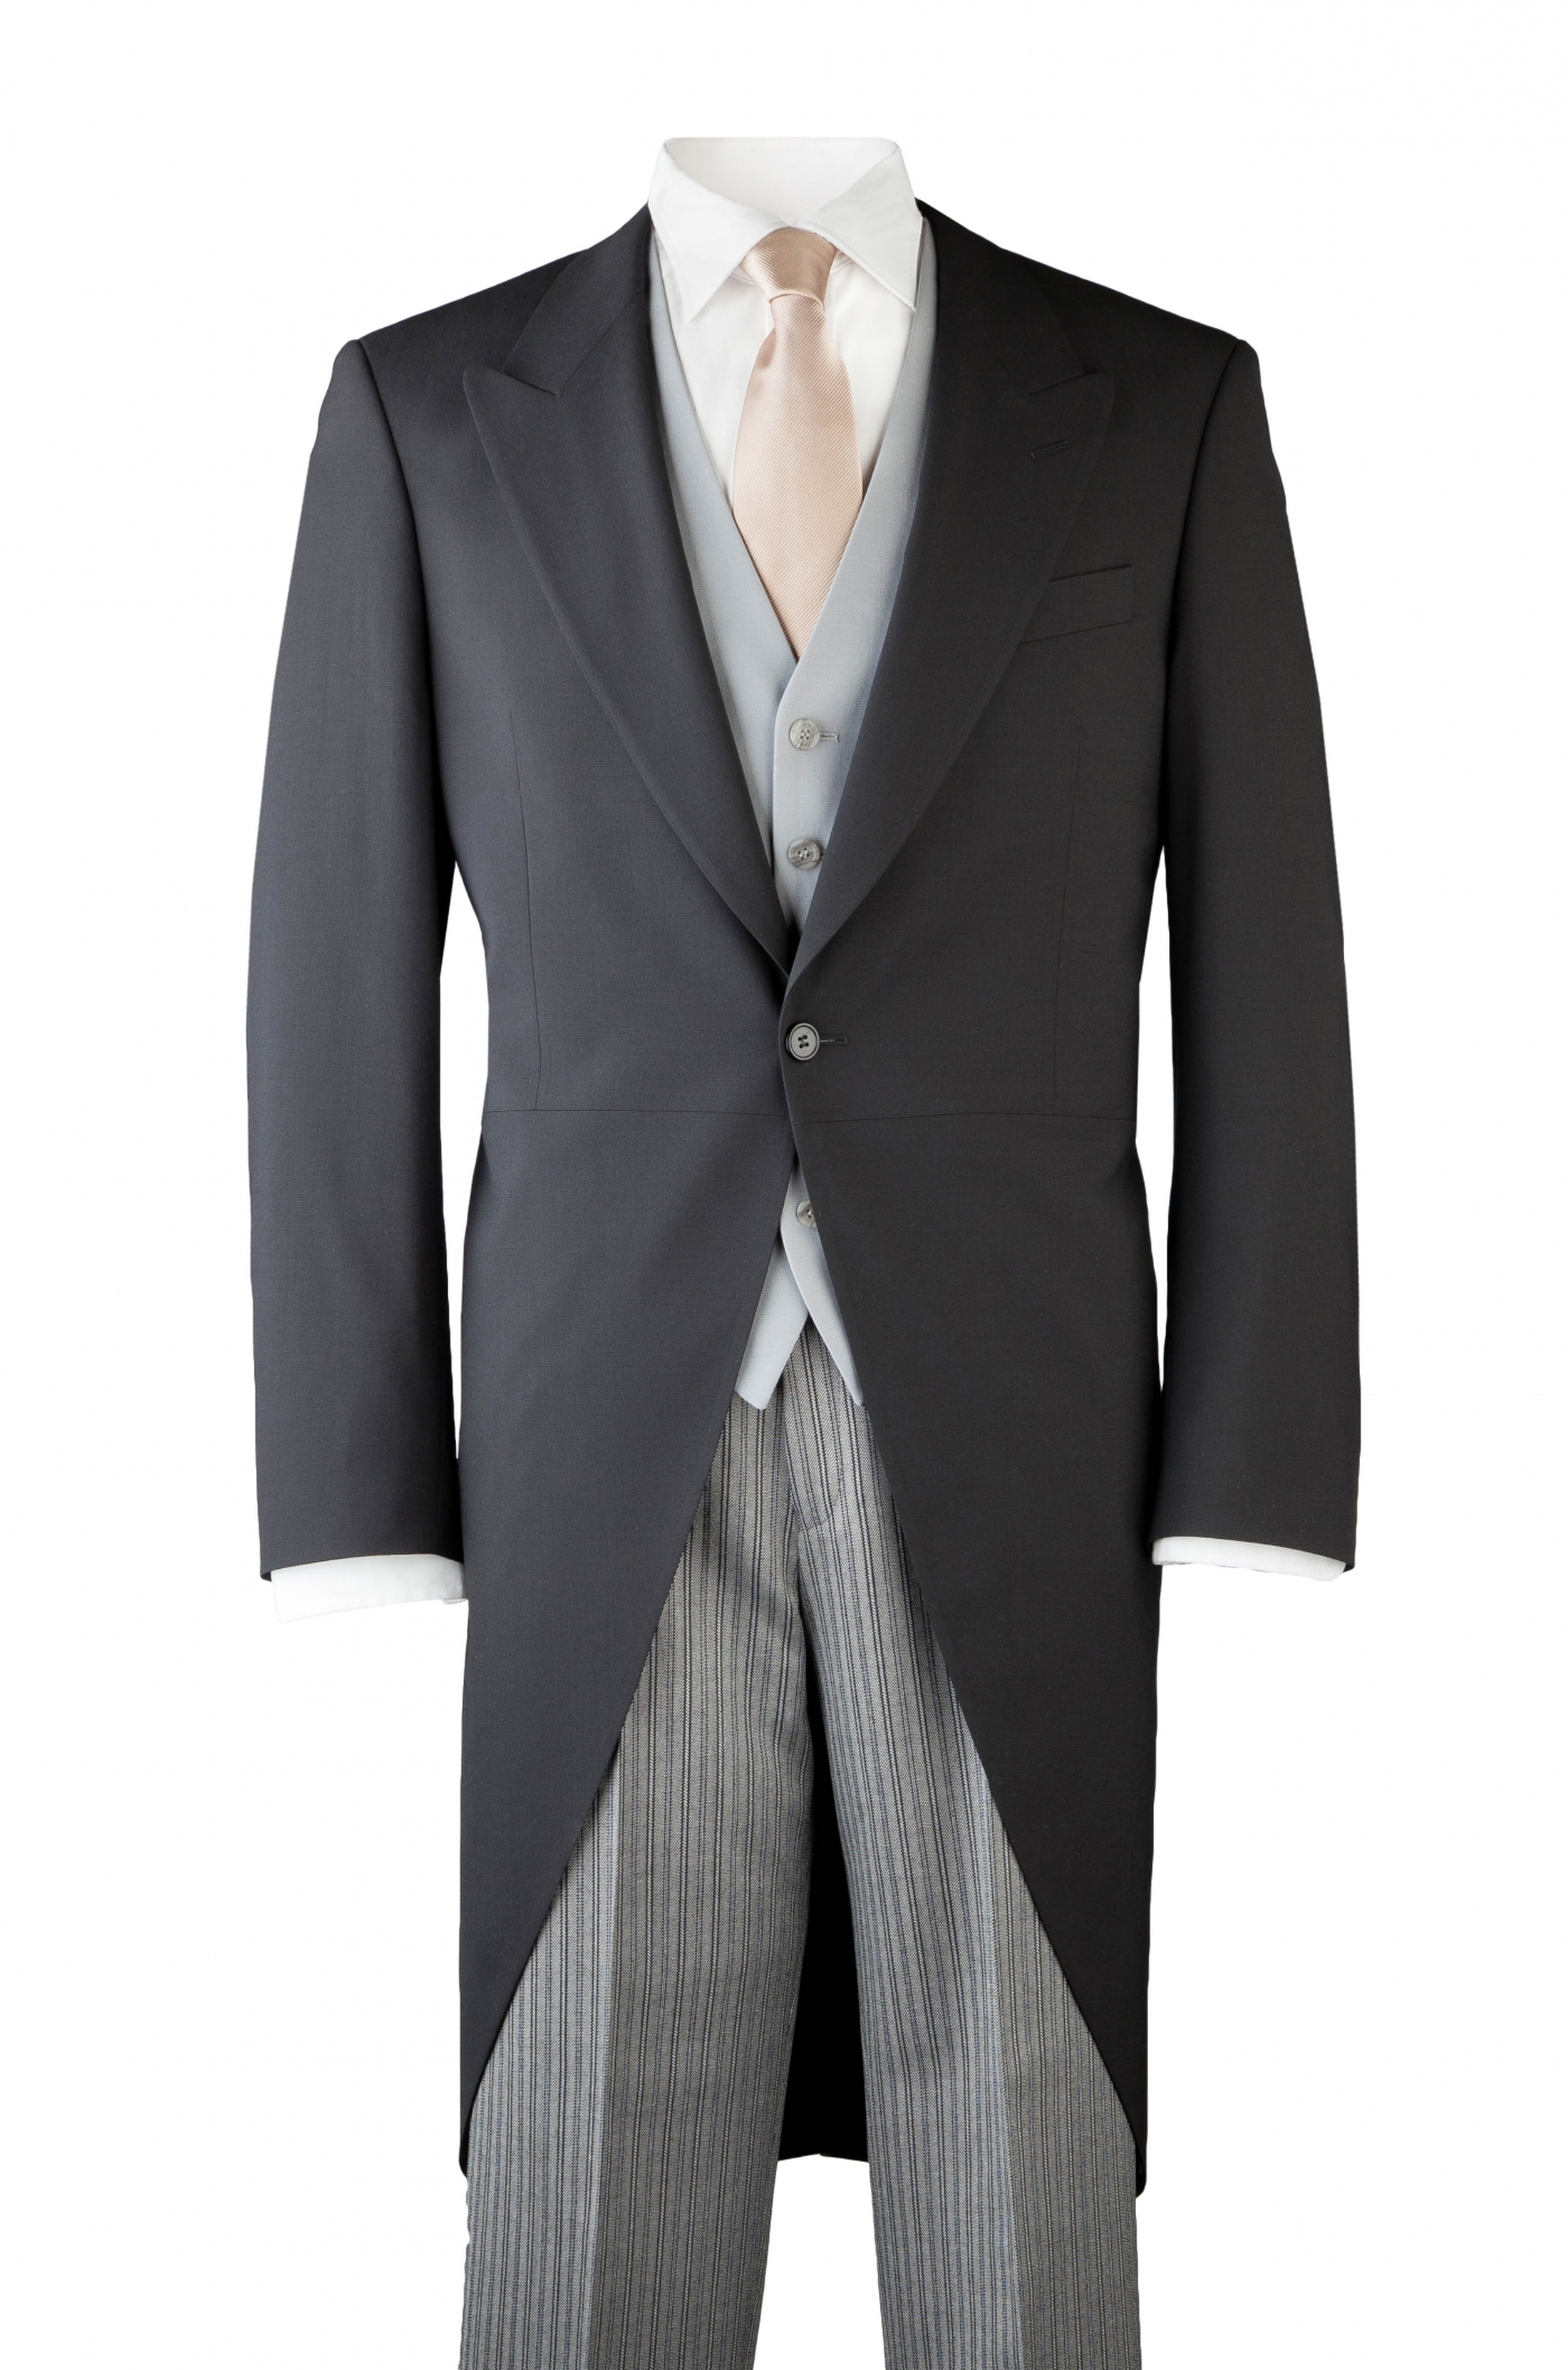 Cutaway Herren Anzug mit Hose foto 0